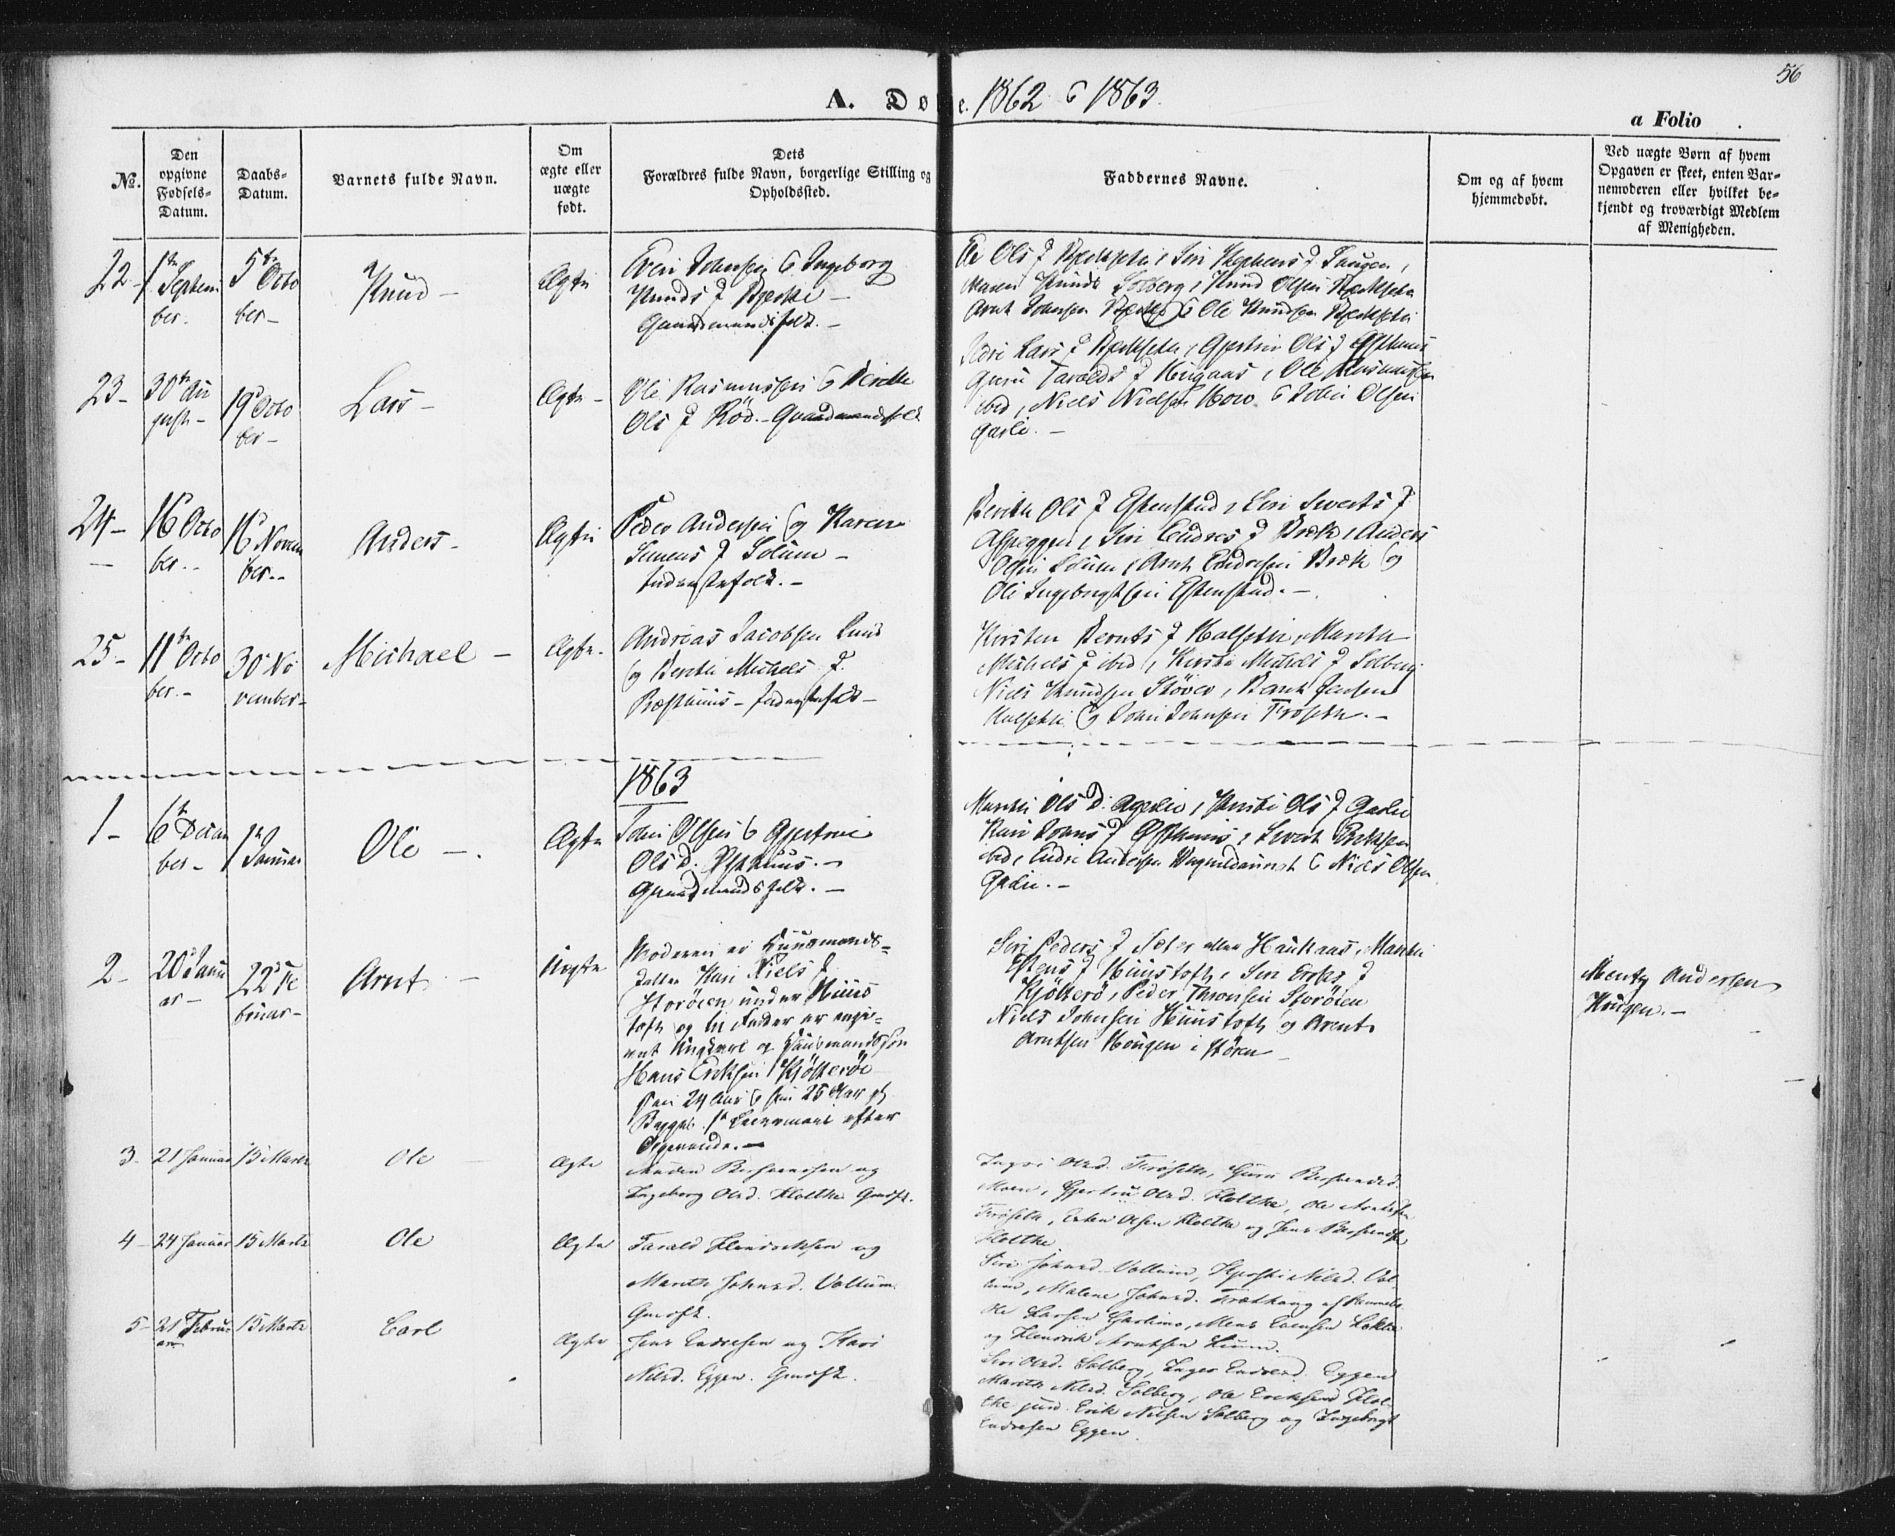 SAT, Ministerialprotokoller, klokkerbøker og fødselsregistre - Sør-Trøndelag, 689/L1038: Ministerialbok nr. 689A03, 1848-1872, s. 56